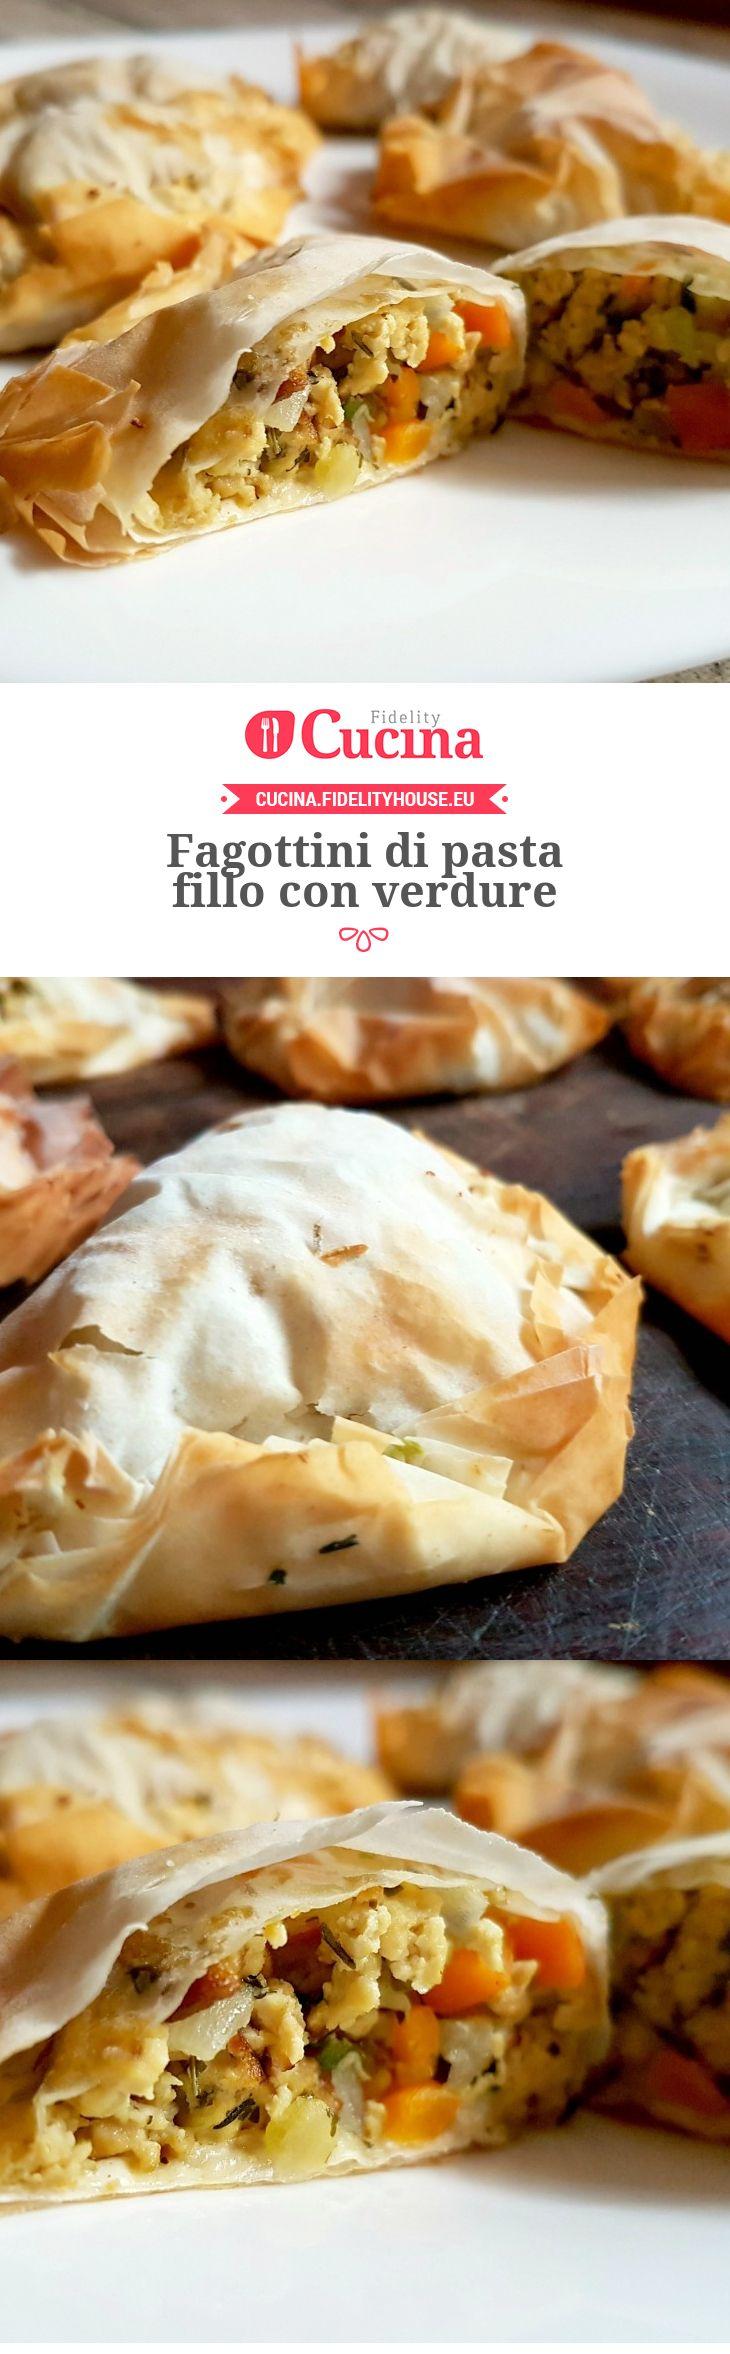 #Fagottini di pasta fillo con #verdure della nostra utente Monica. Unisciti alla nostra Community ed invia le tue ricette!